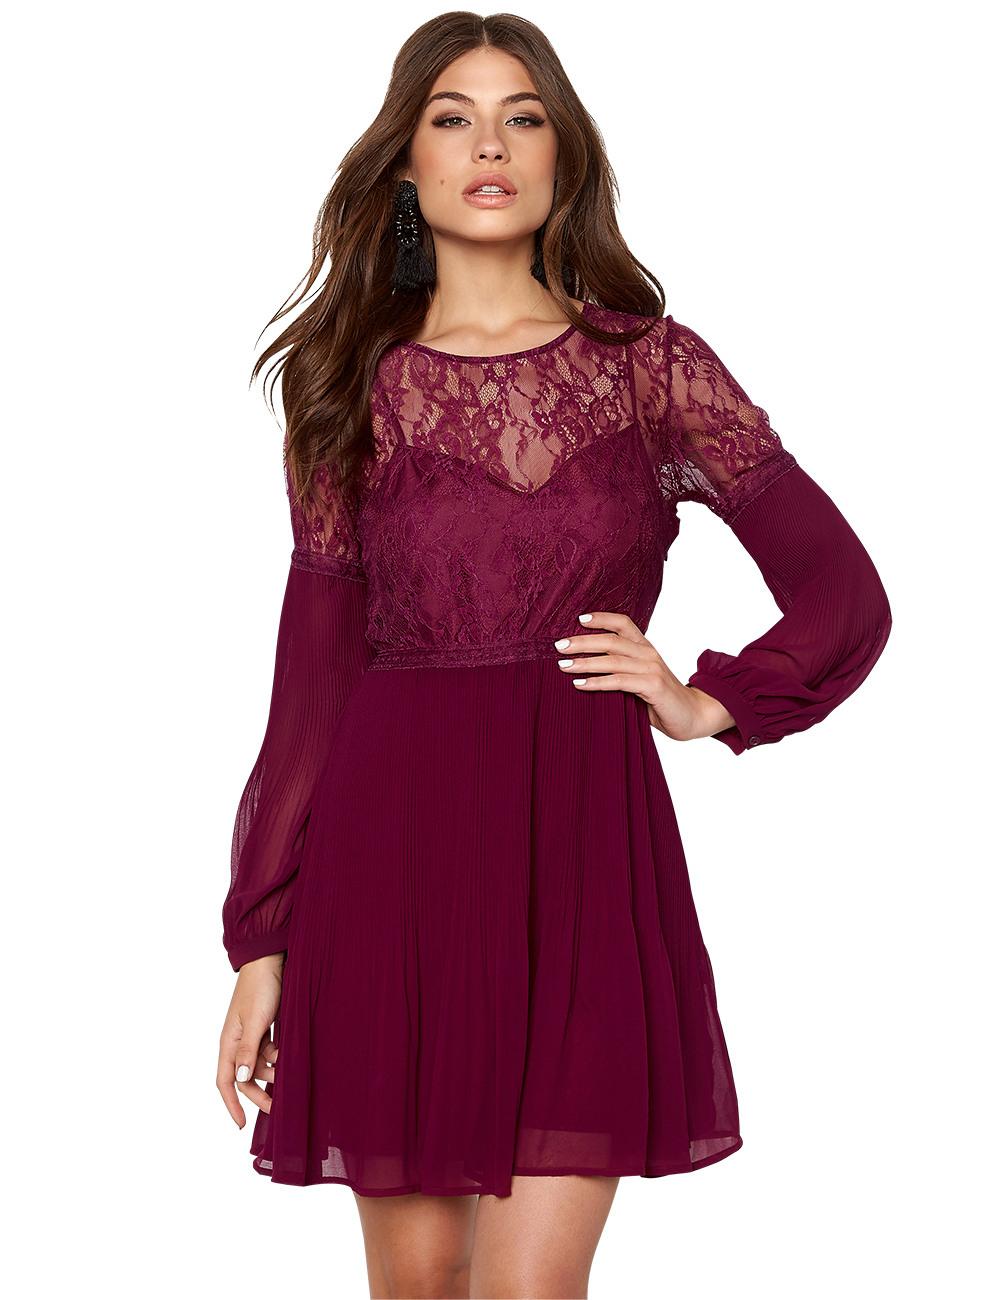 Abend Luxurius Kleid Mit Spitze SpezialgebietDesigner Kreativ Kleid Mit Spitze Bester Preis